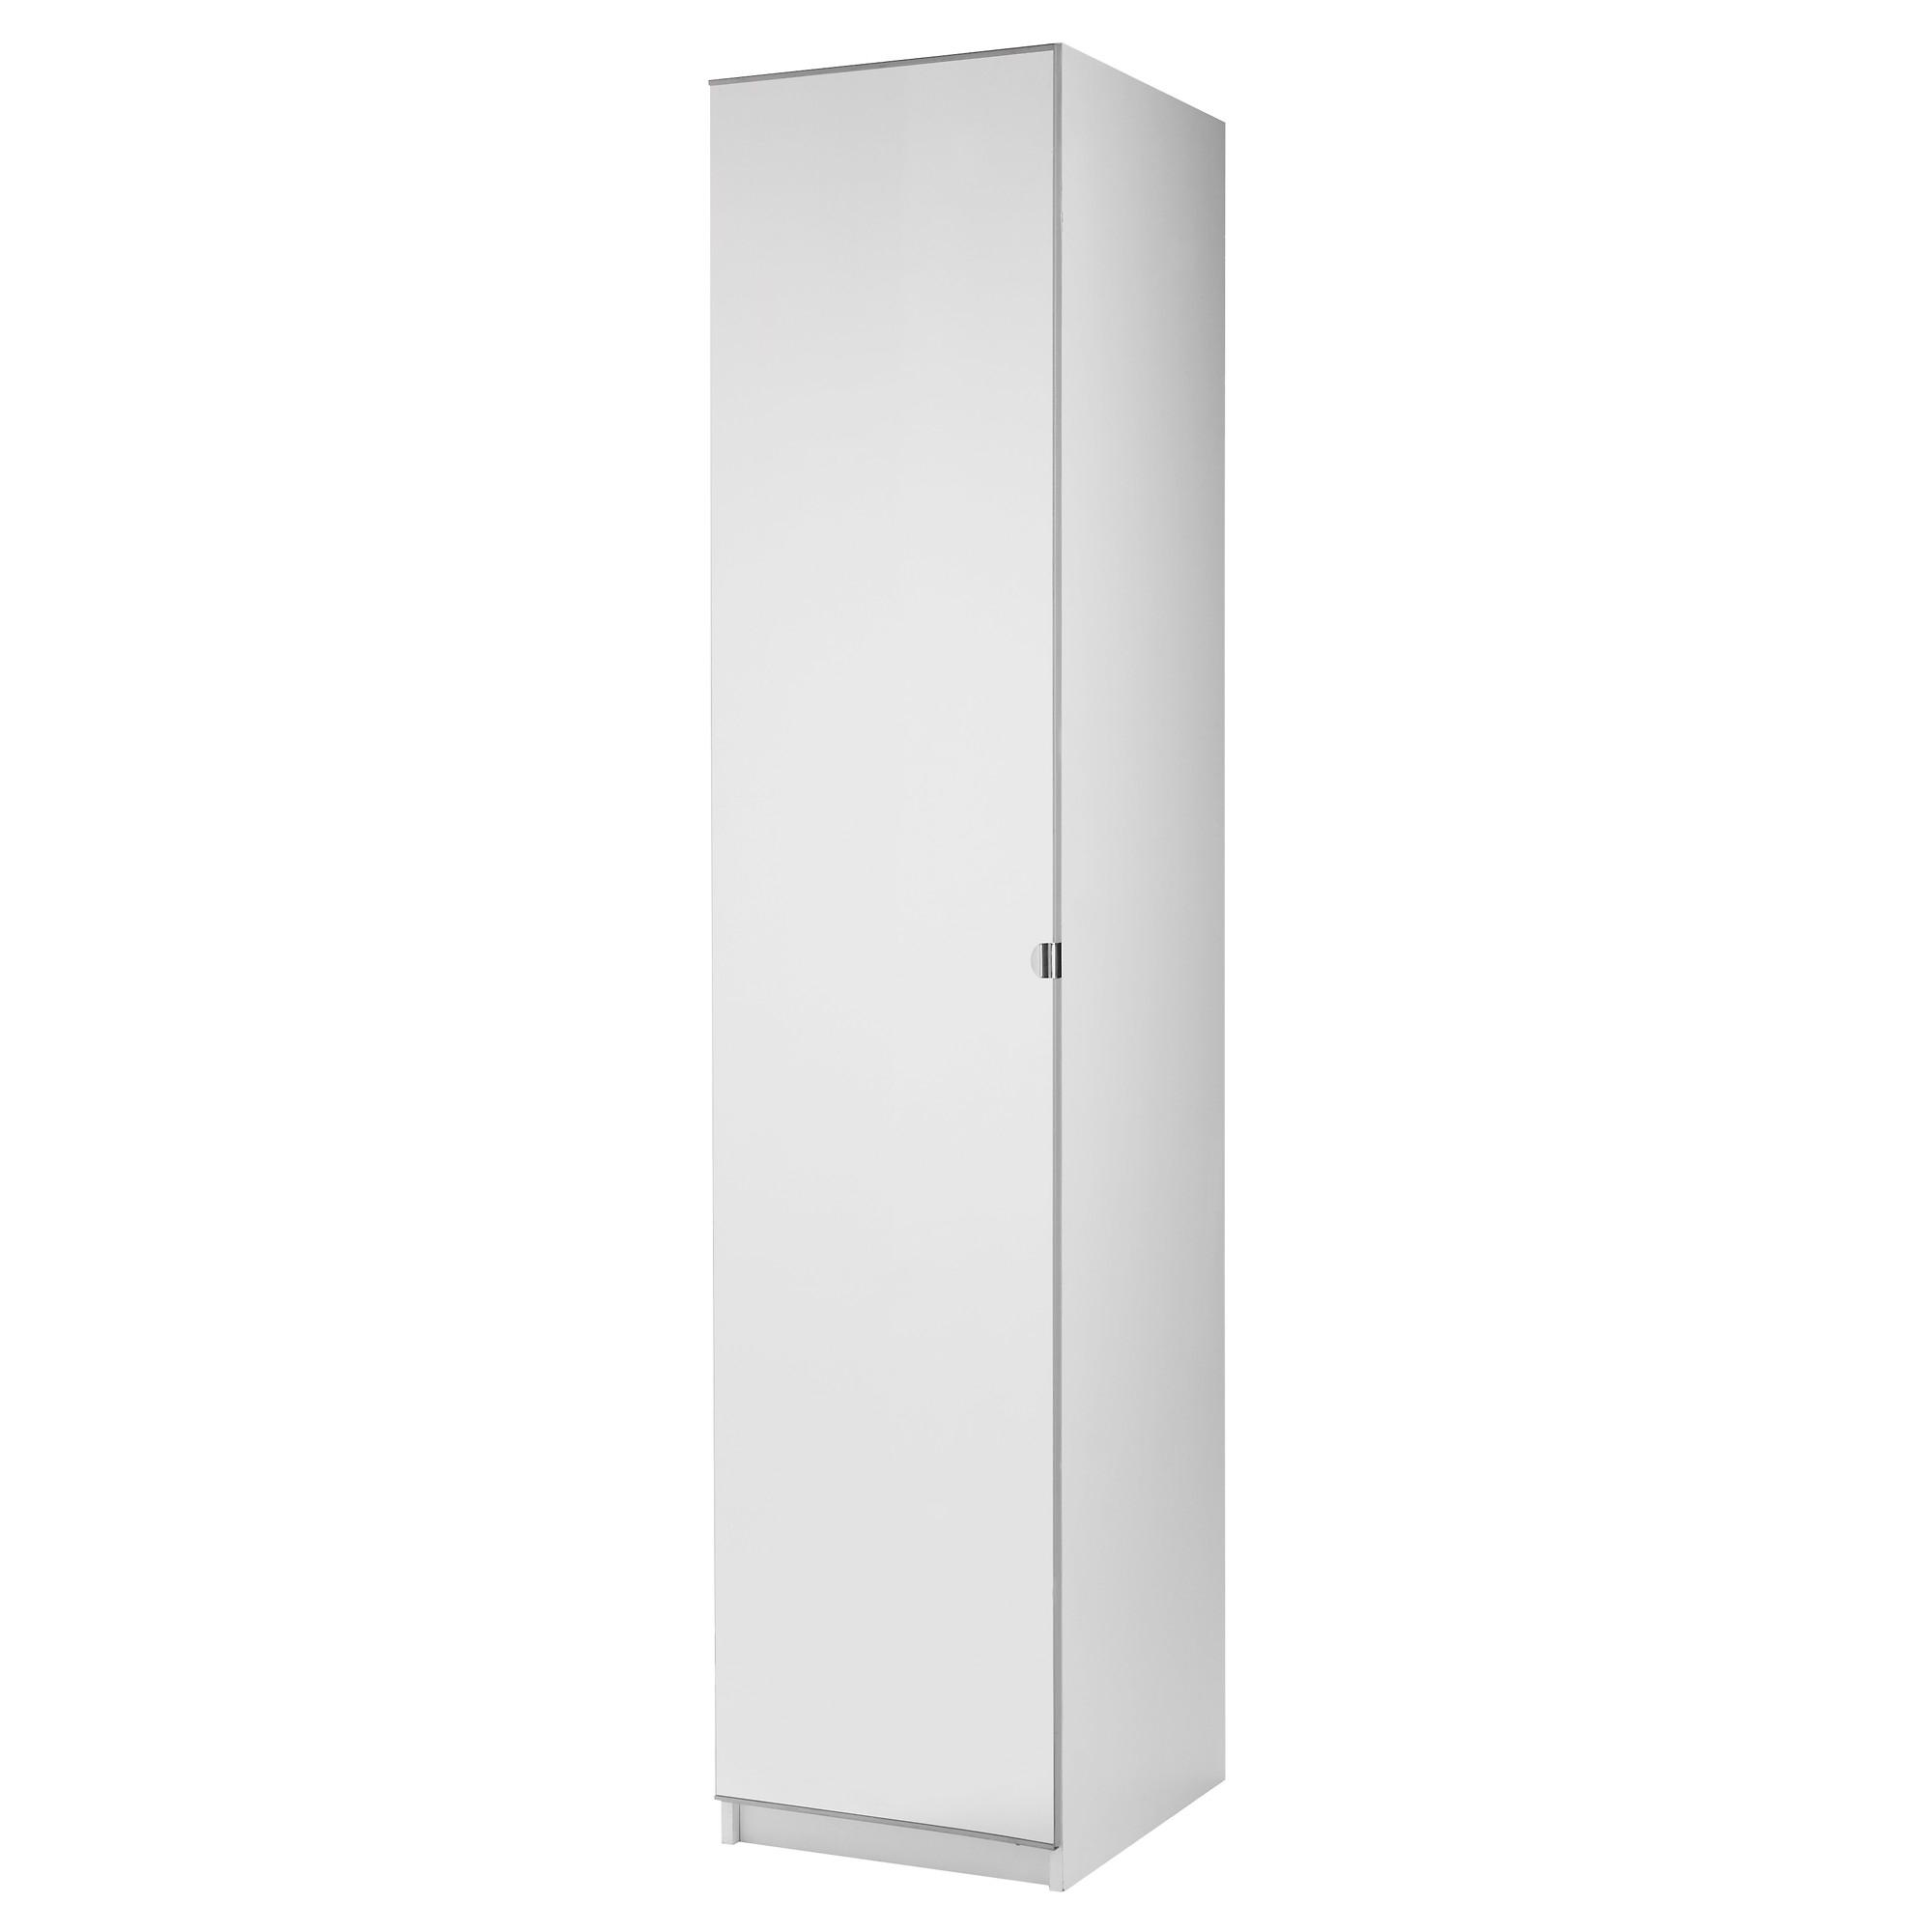 Pax armario con 1 puerta for Puertas armarios ikea